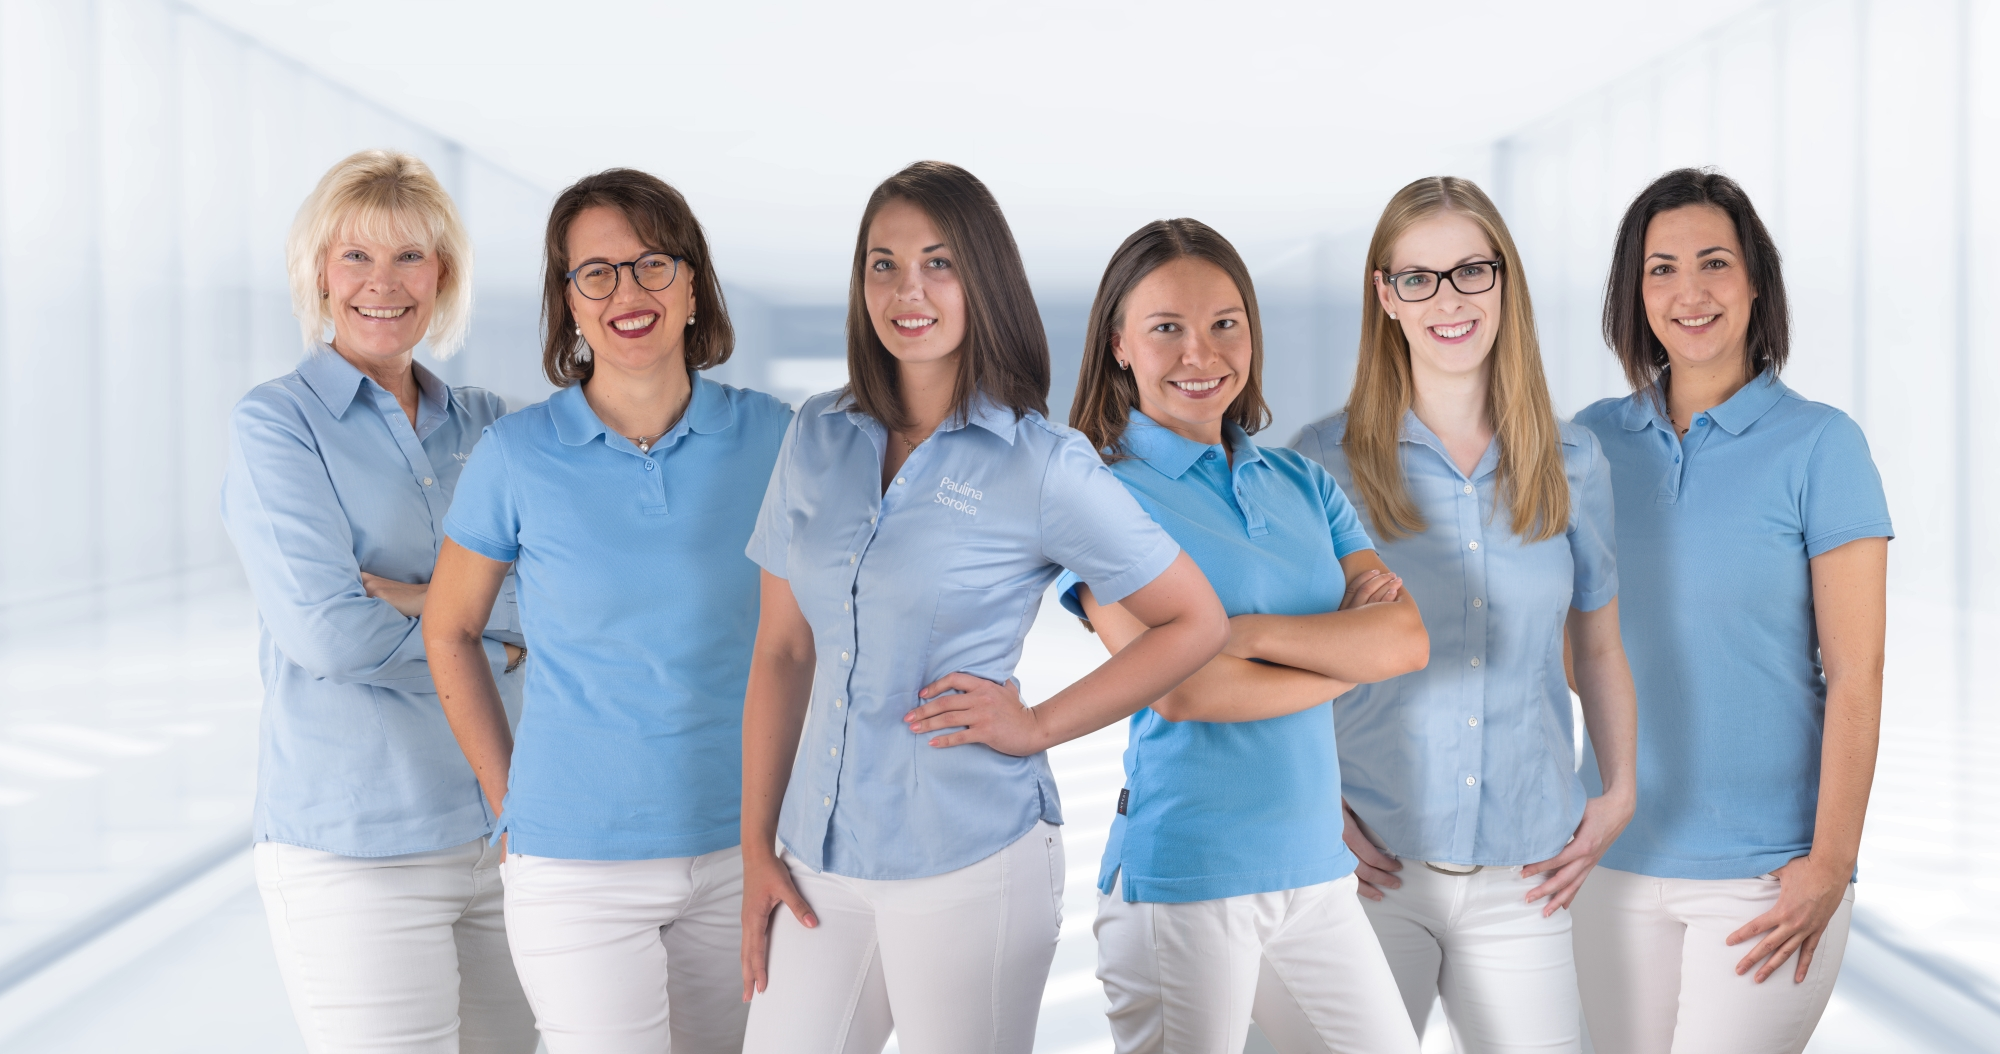 Das Team von der Verwaltung ist zuständig für die Patientenverwaltung, Abrechnung und berät in Versicherungsfragen